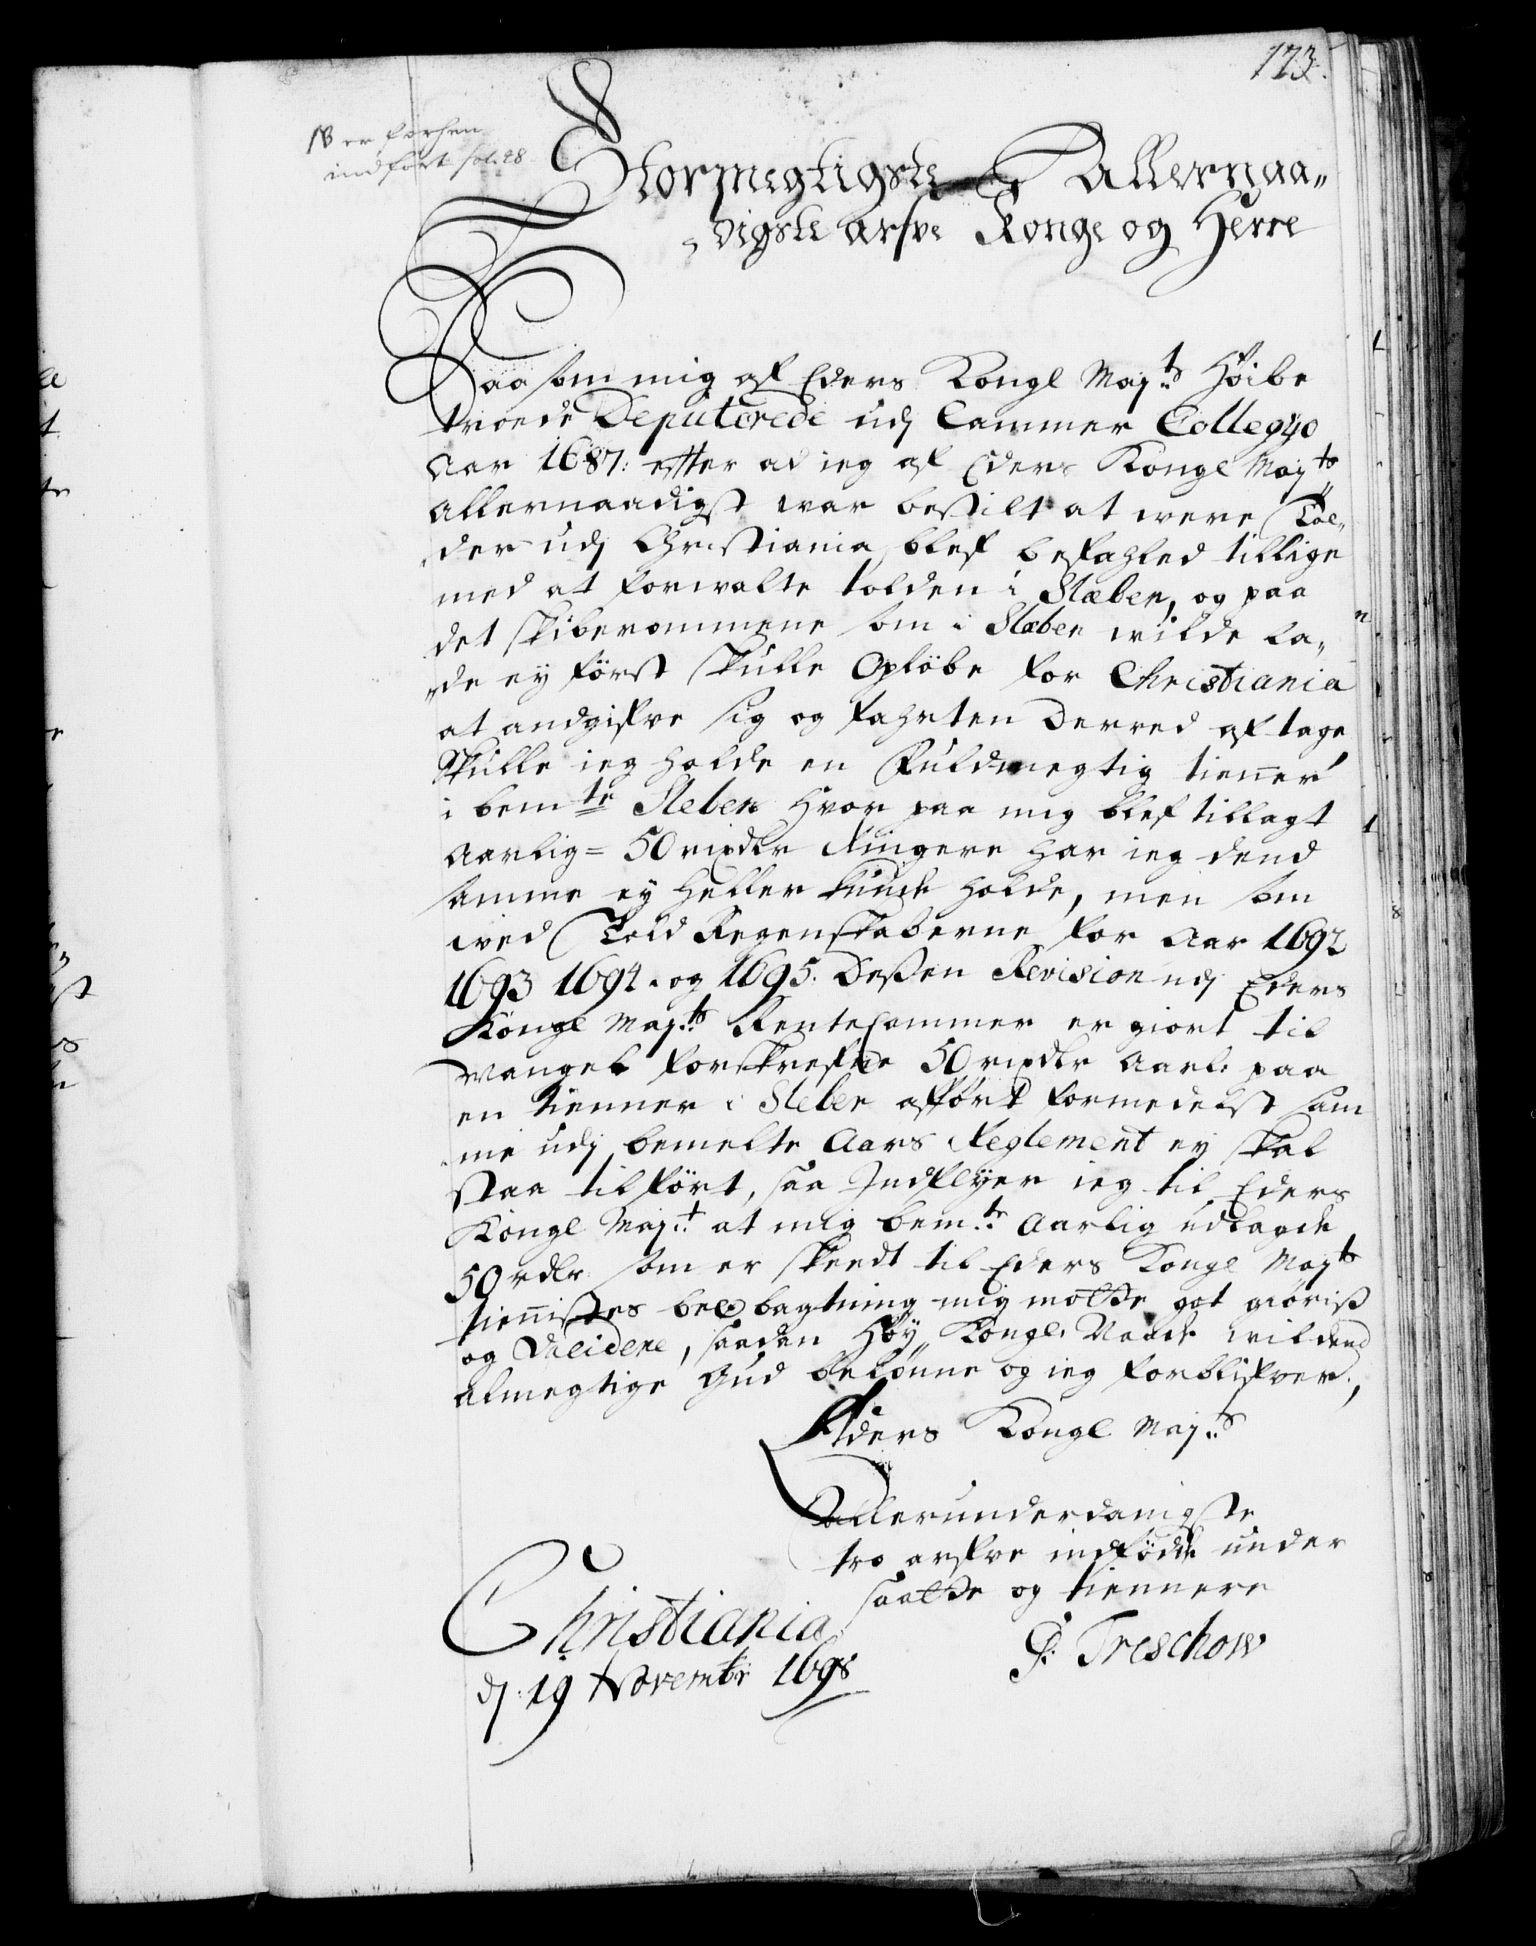 RA, Rentekammeret, Kammerkanselliet, G/Gf/Gfa/L0001: Resolusjonsprotokoll med register (merket RK 52.1), 1695-1706, s. 173